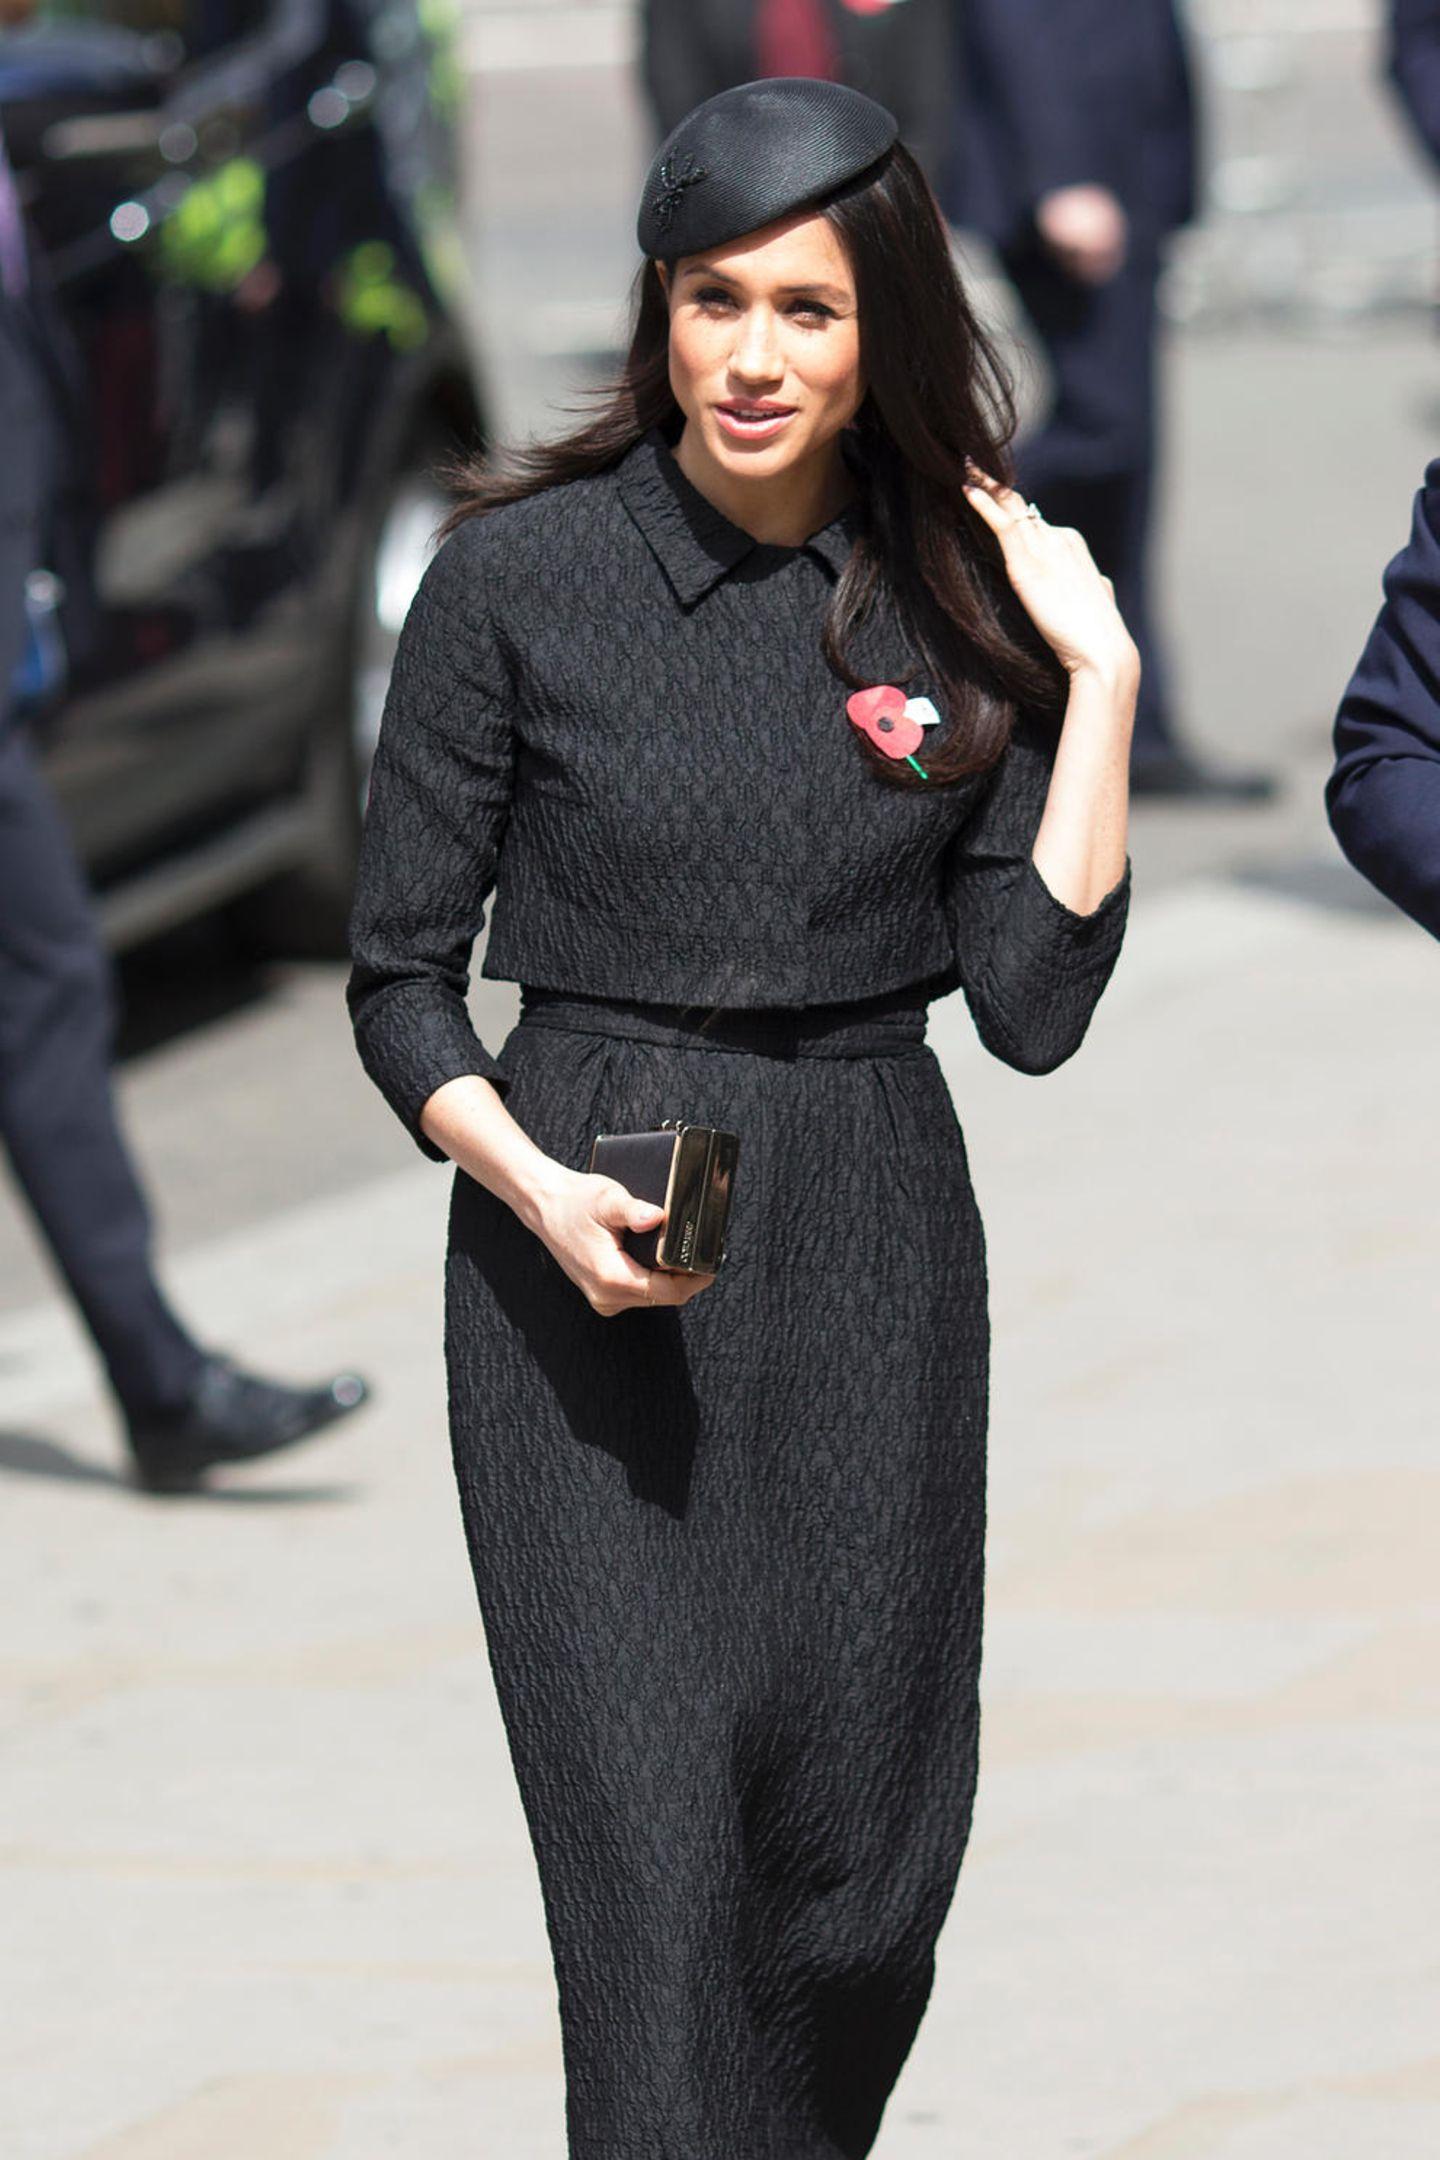 Während Meghan diese Kreation der neuseeländischen Designerin Emilia Wickstead anlässlich der Anzac Days in schwarz trug ...